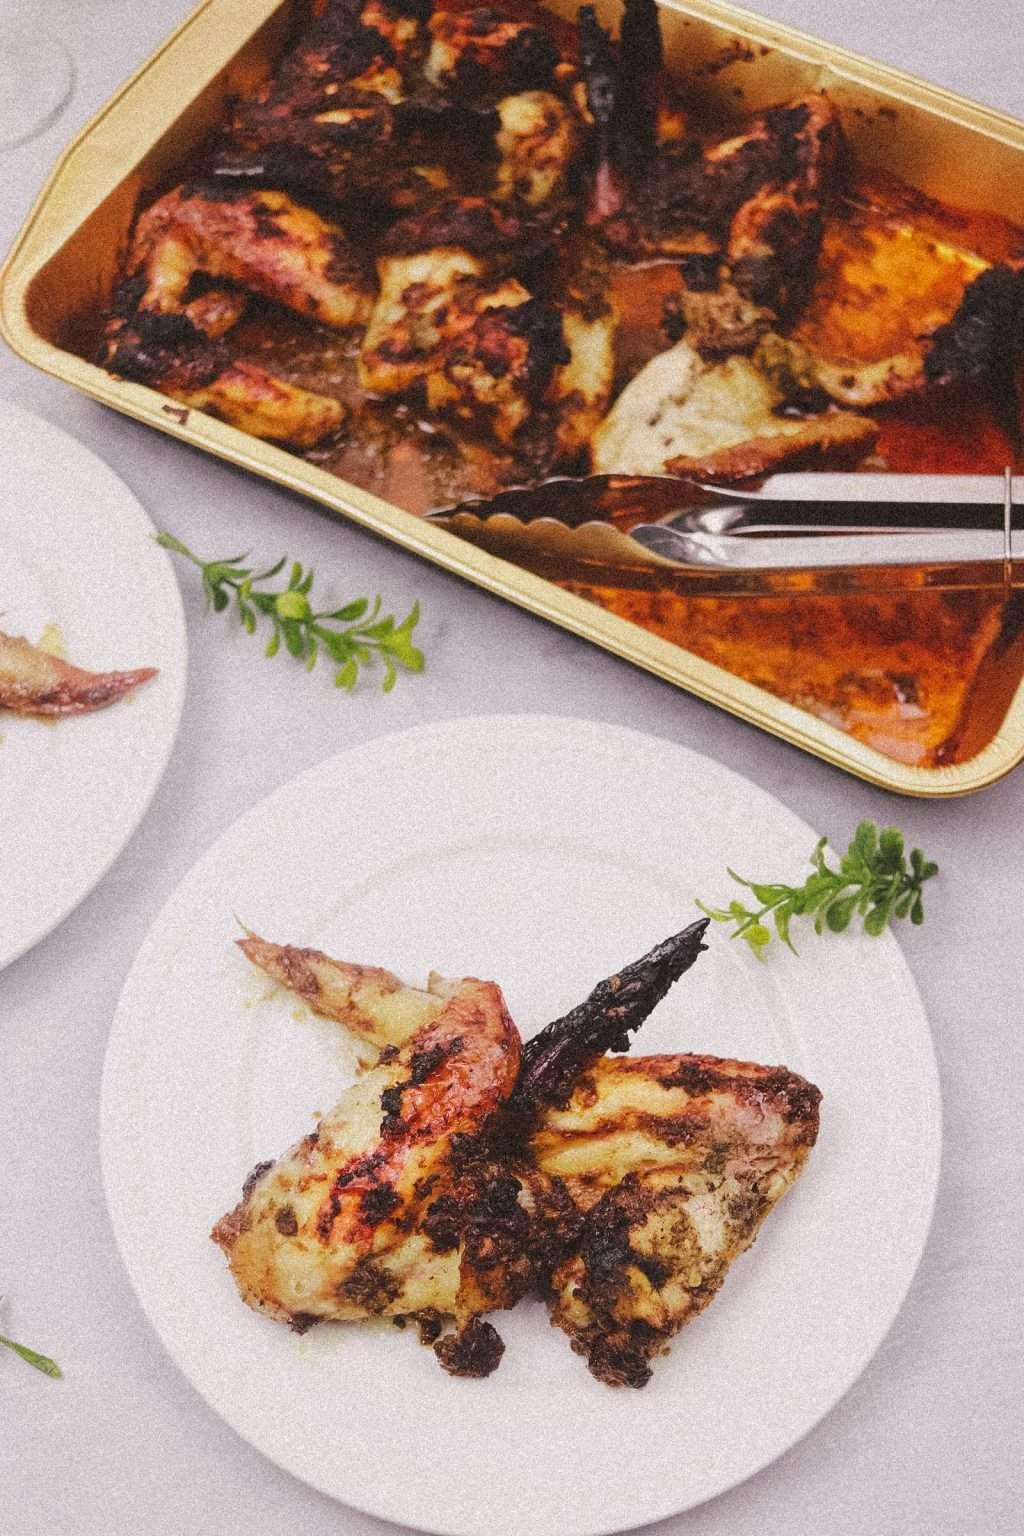 jamaican jerk chicken wings recipe 4707 1024x1536 - Oven Roasted Jamaican Jerk Chicken Wings Recipe | Easy & Delicious